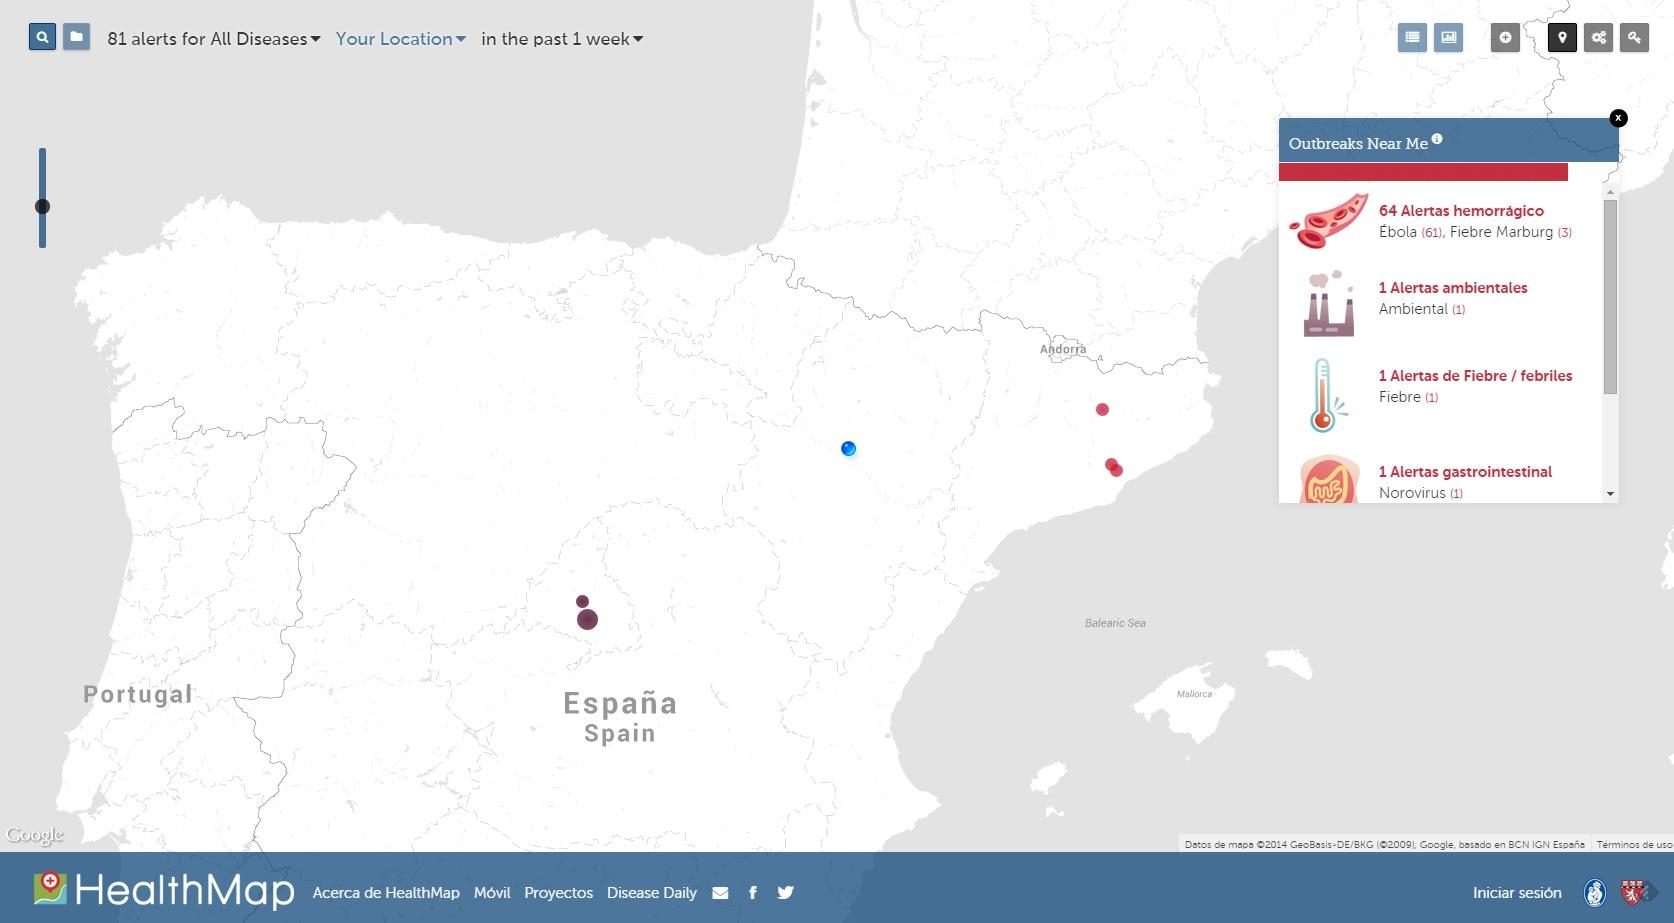 HealthMap: enfermedades infecciosas hoy en España